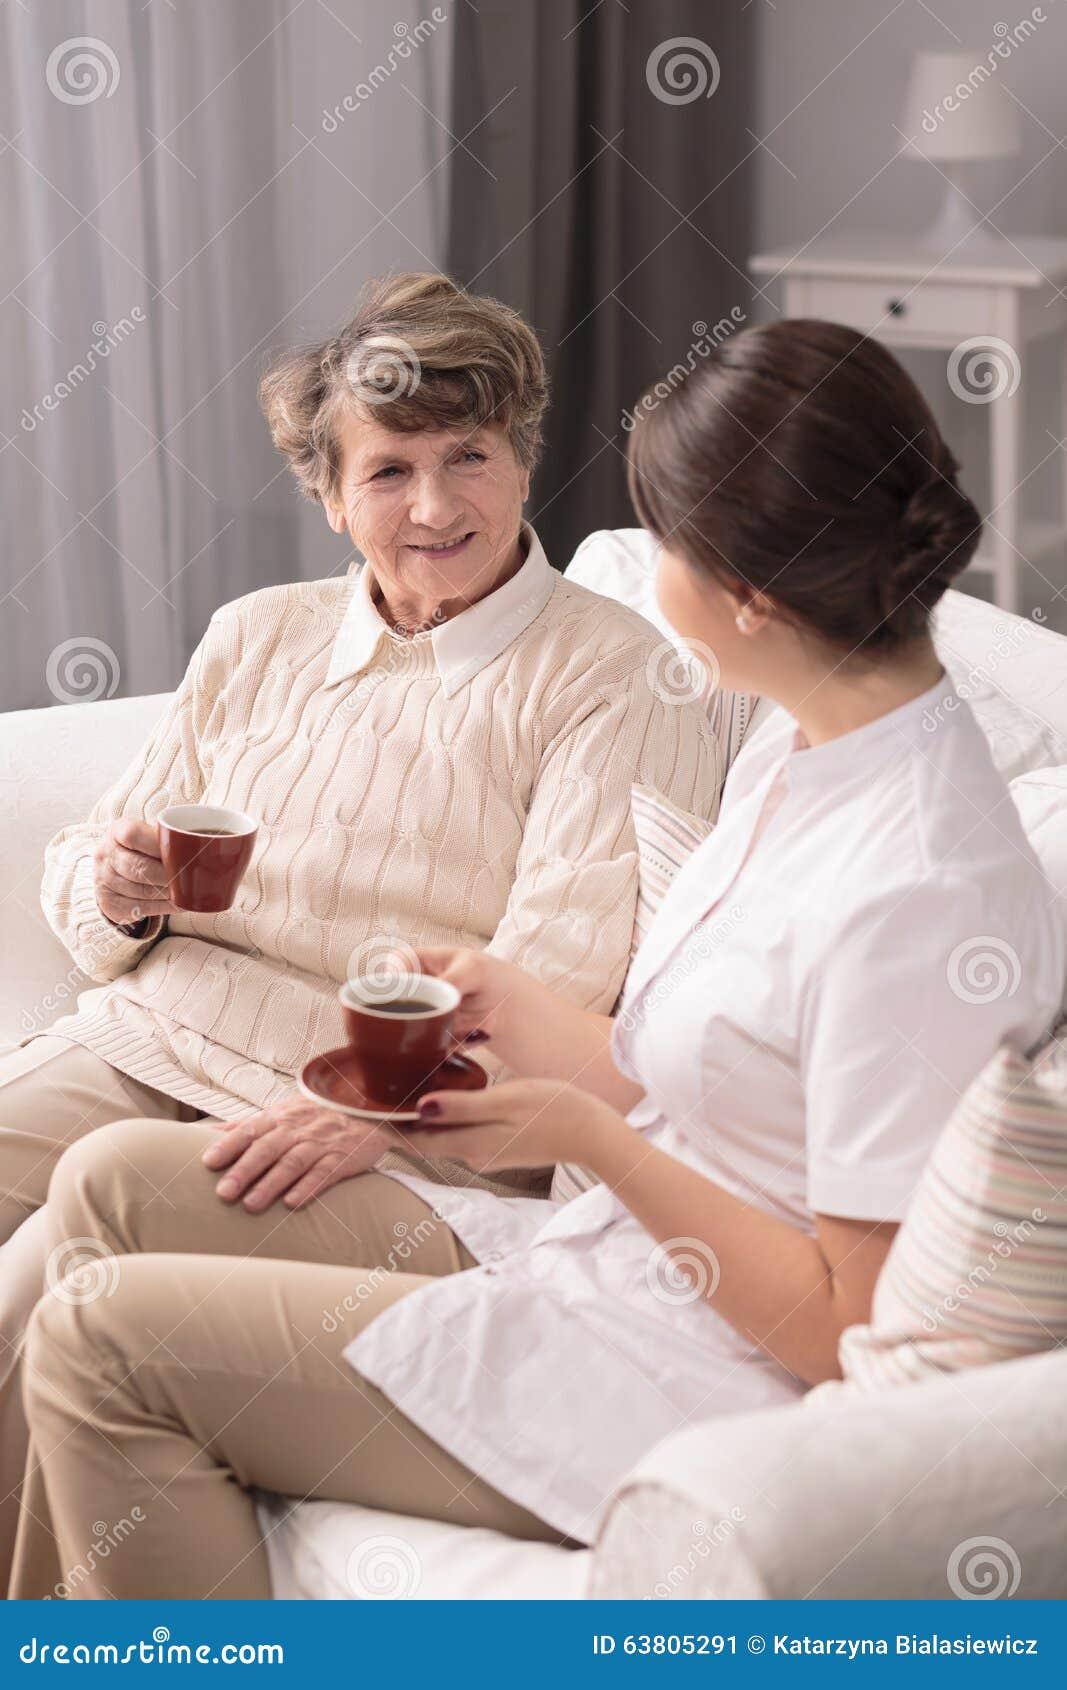 Mujer mayor la come mejor part2 - 3 5